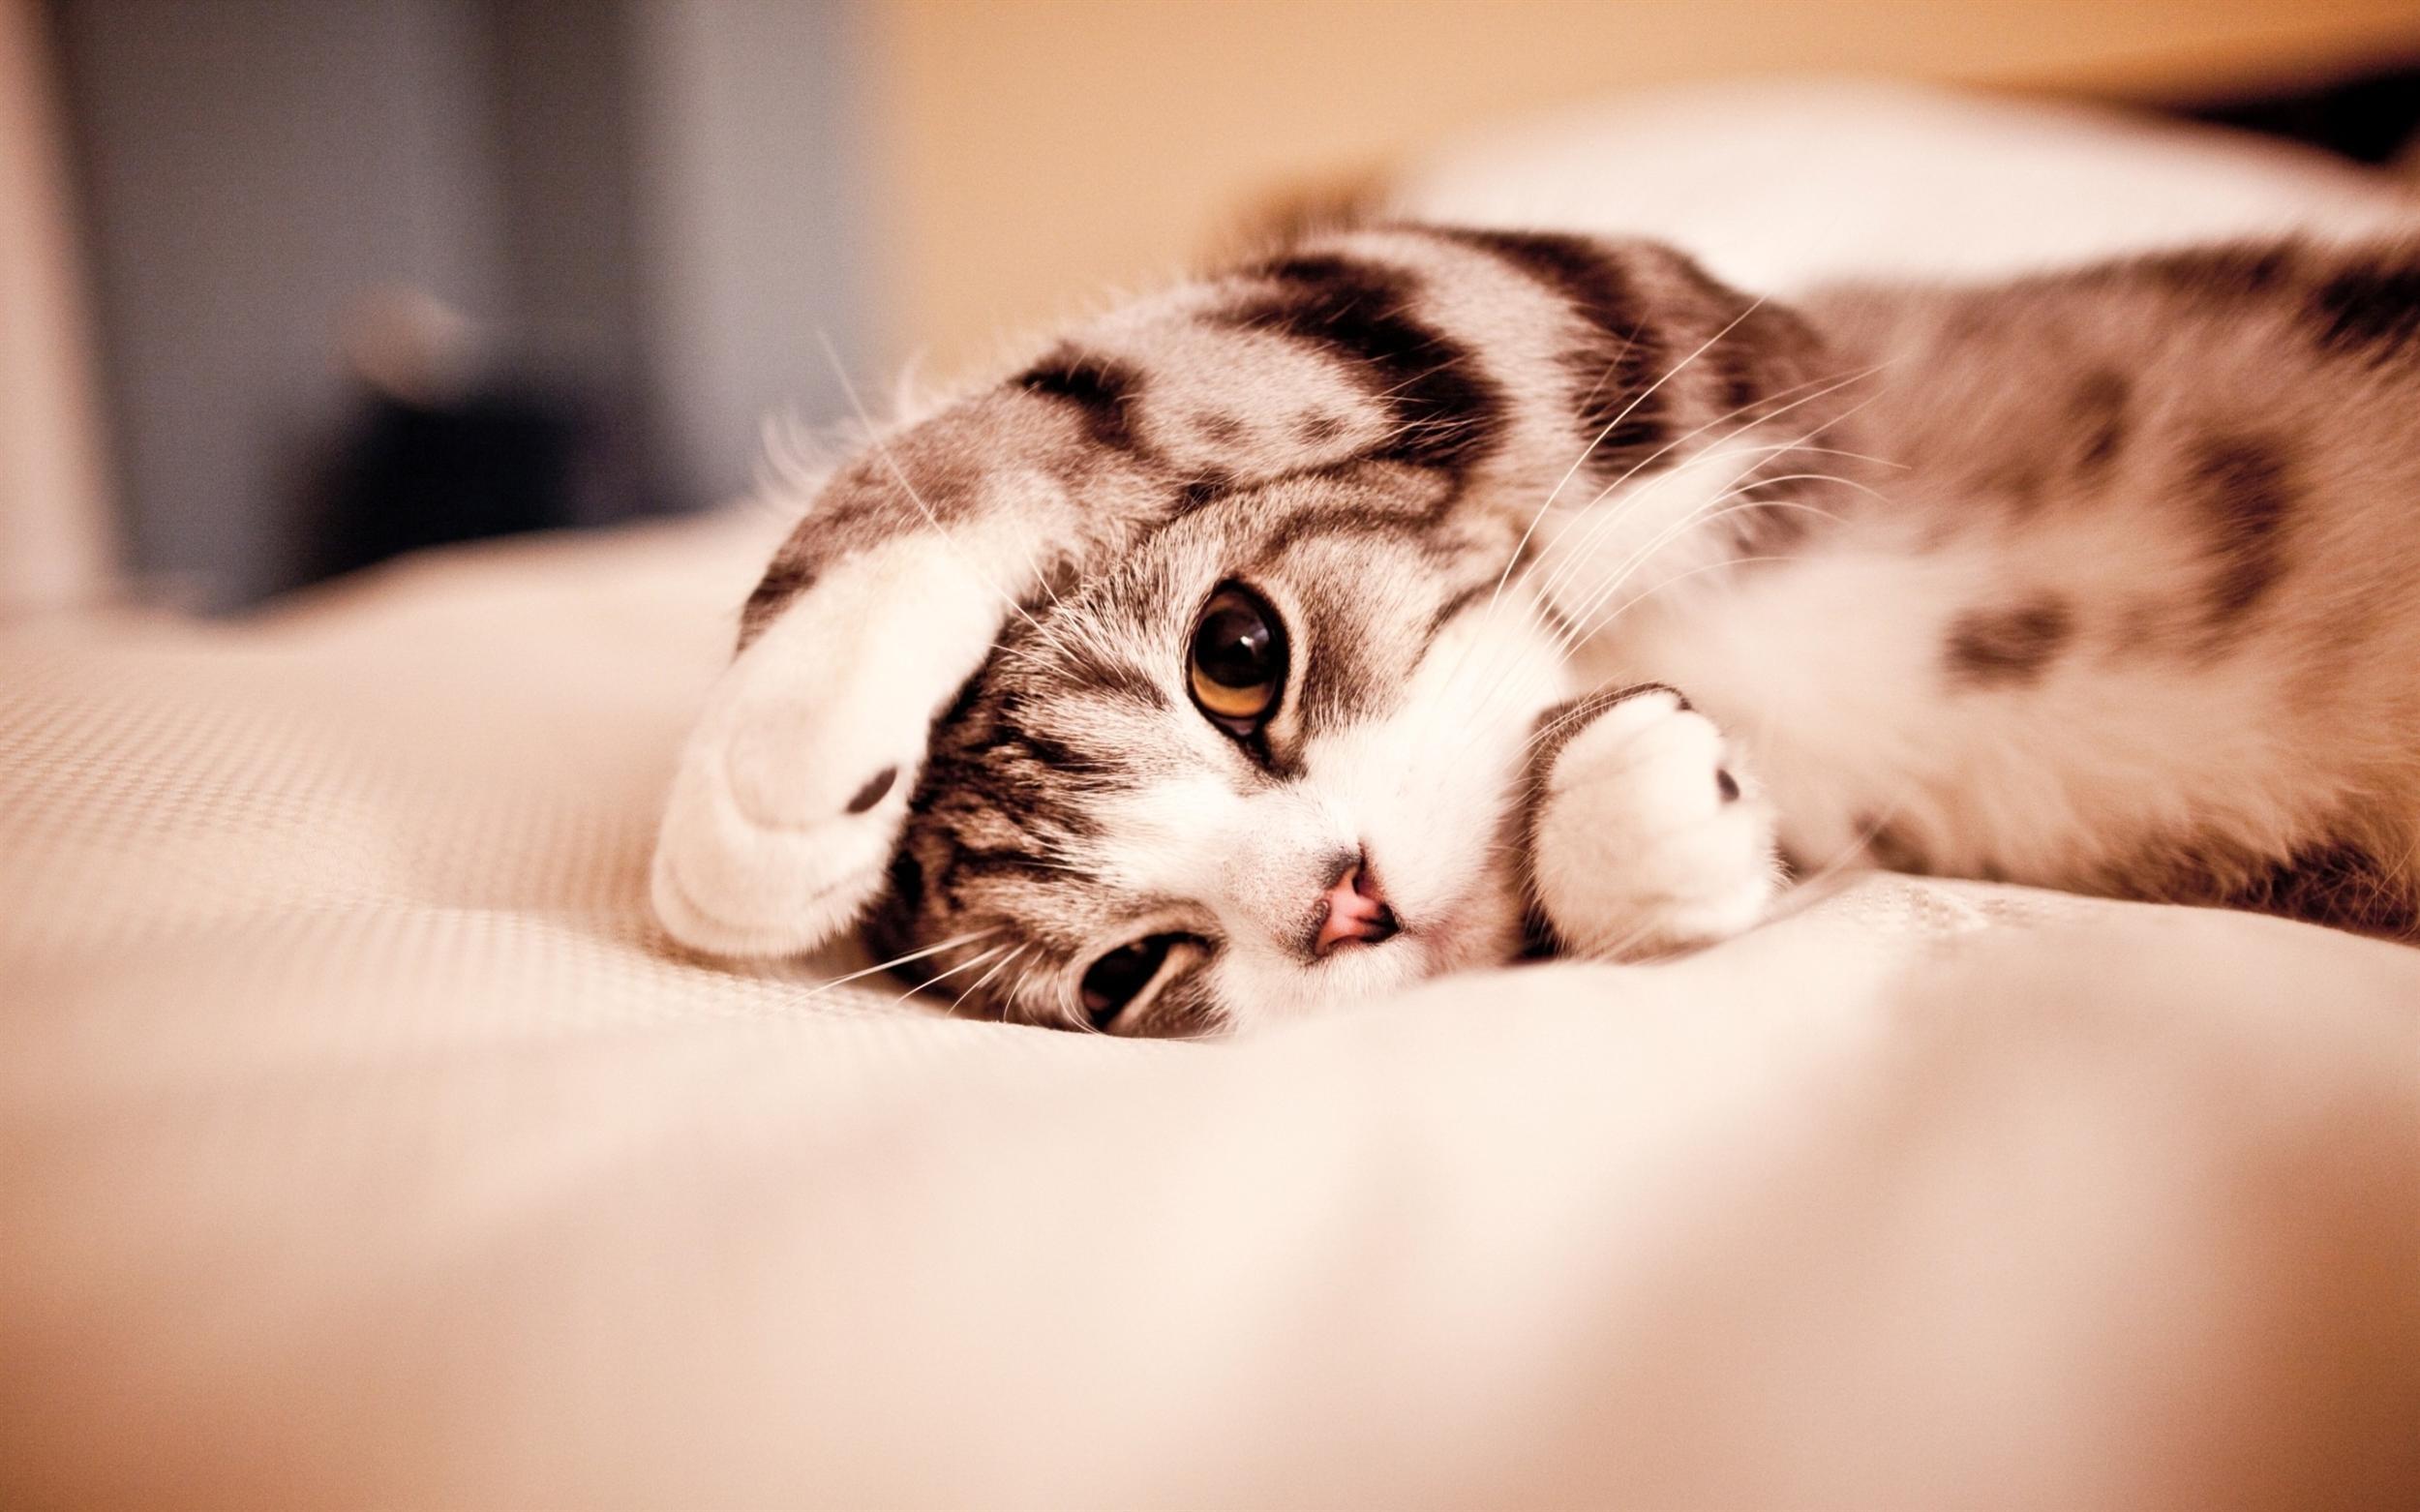 cute cat wallpaper for desktop